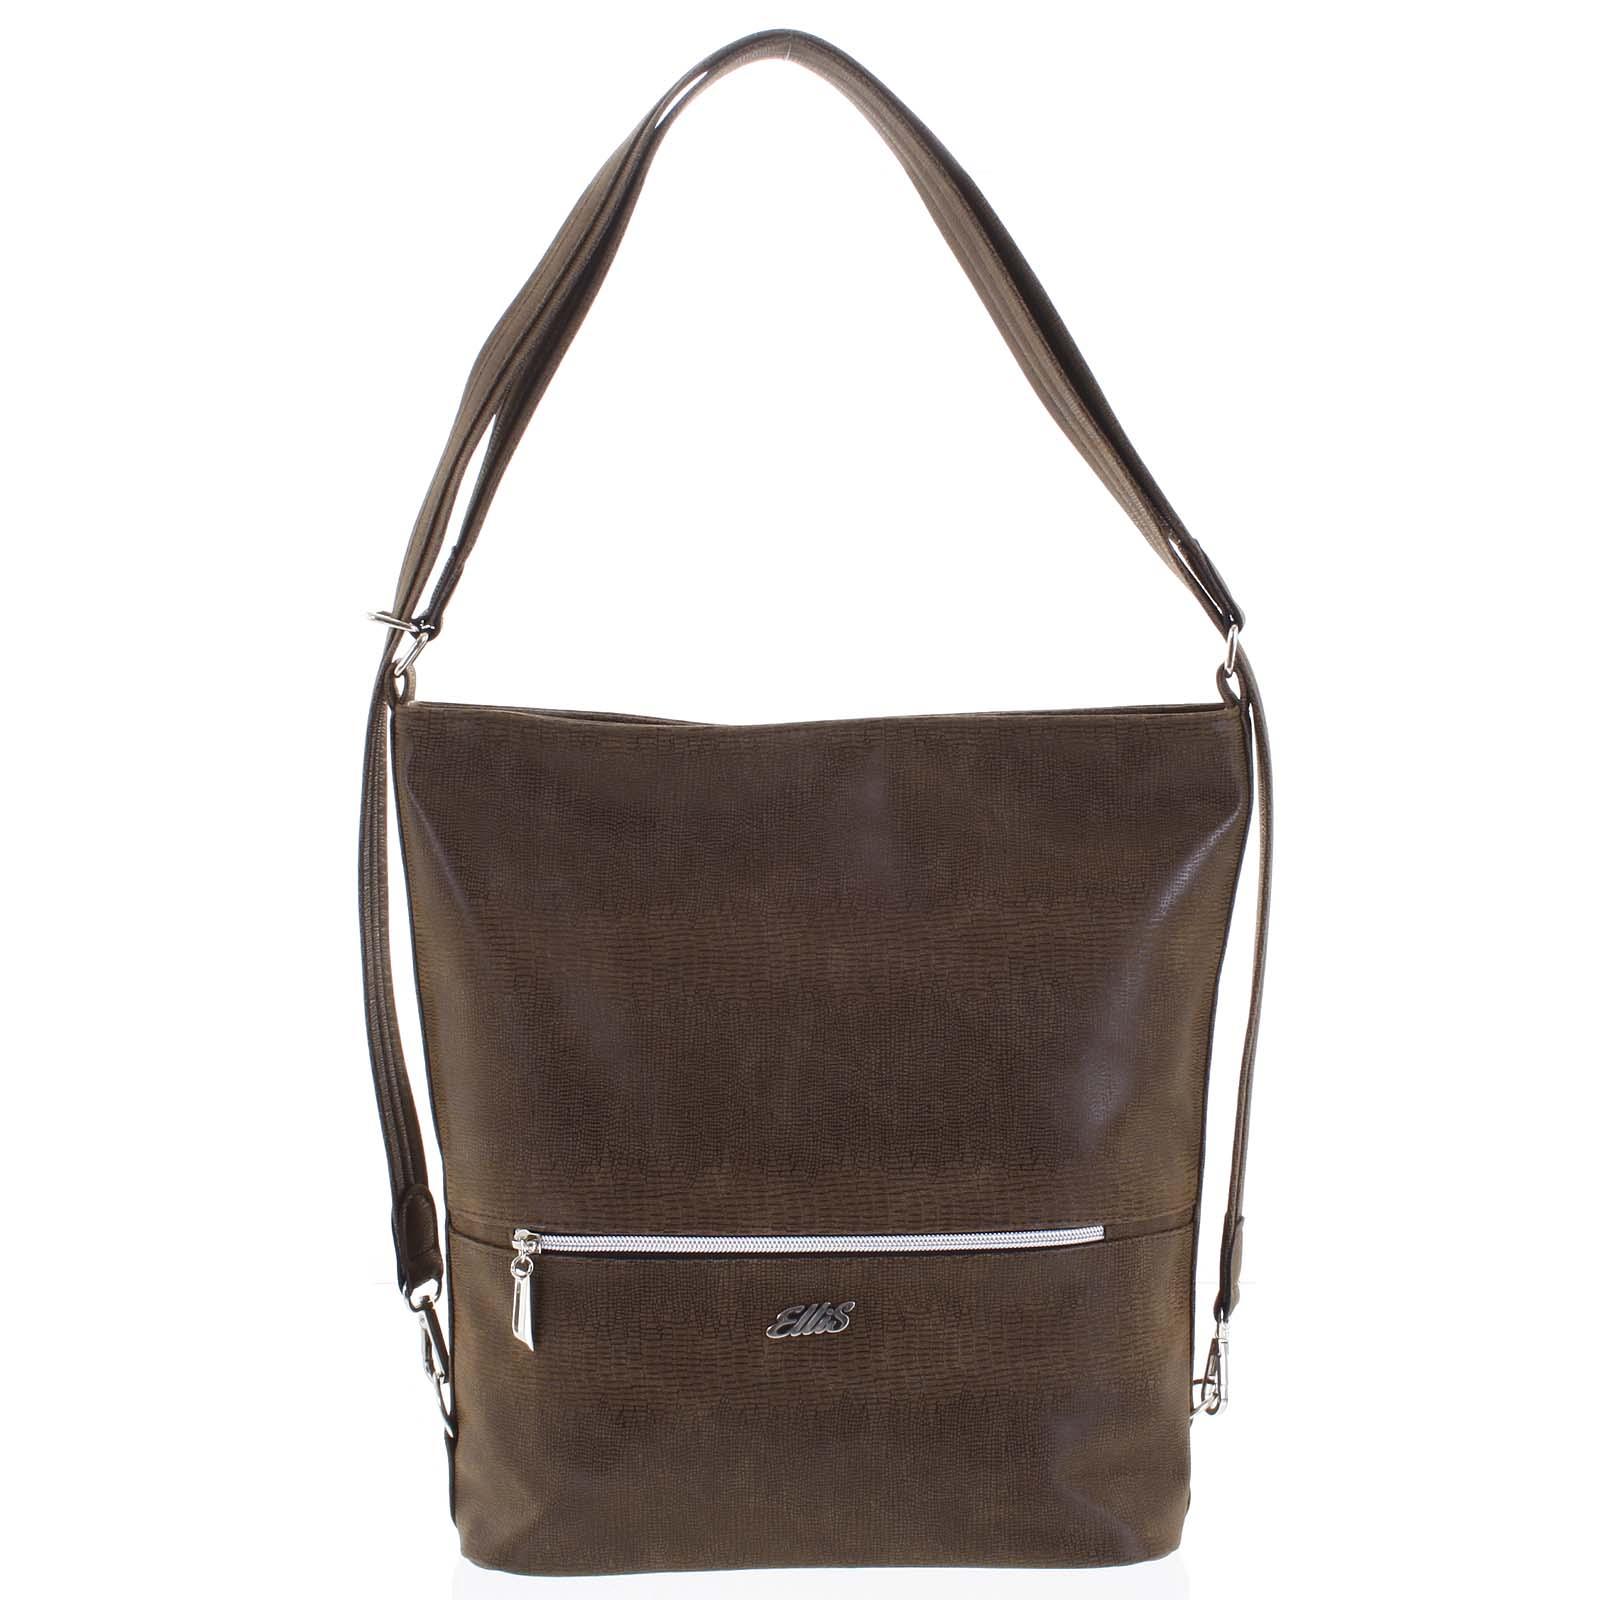 Módna dámska kabelka batoh hnedá so vzorom - Ellis Patrik